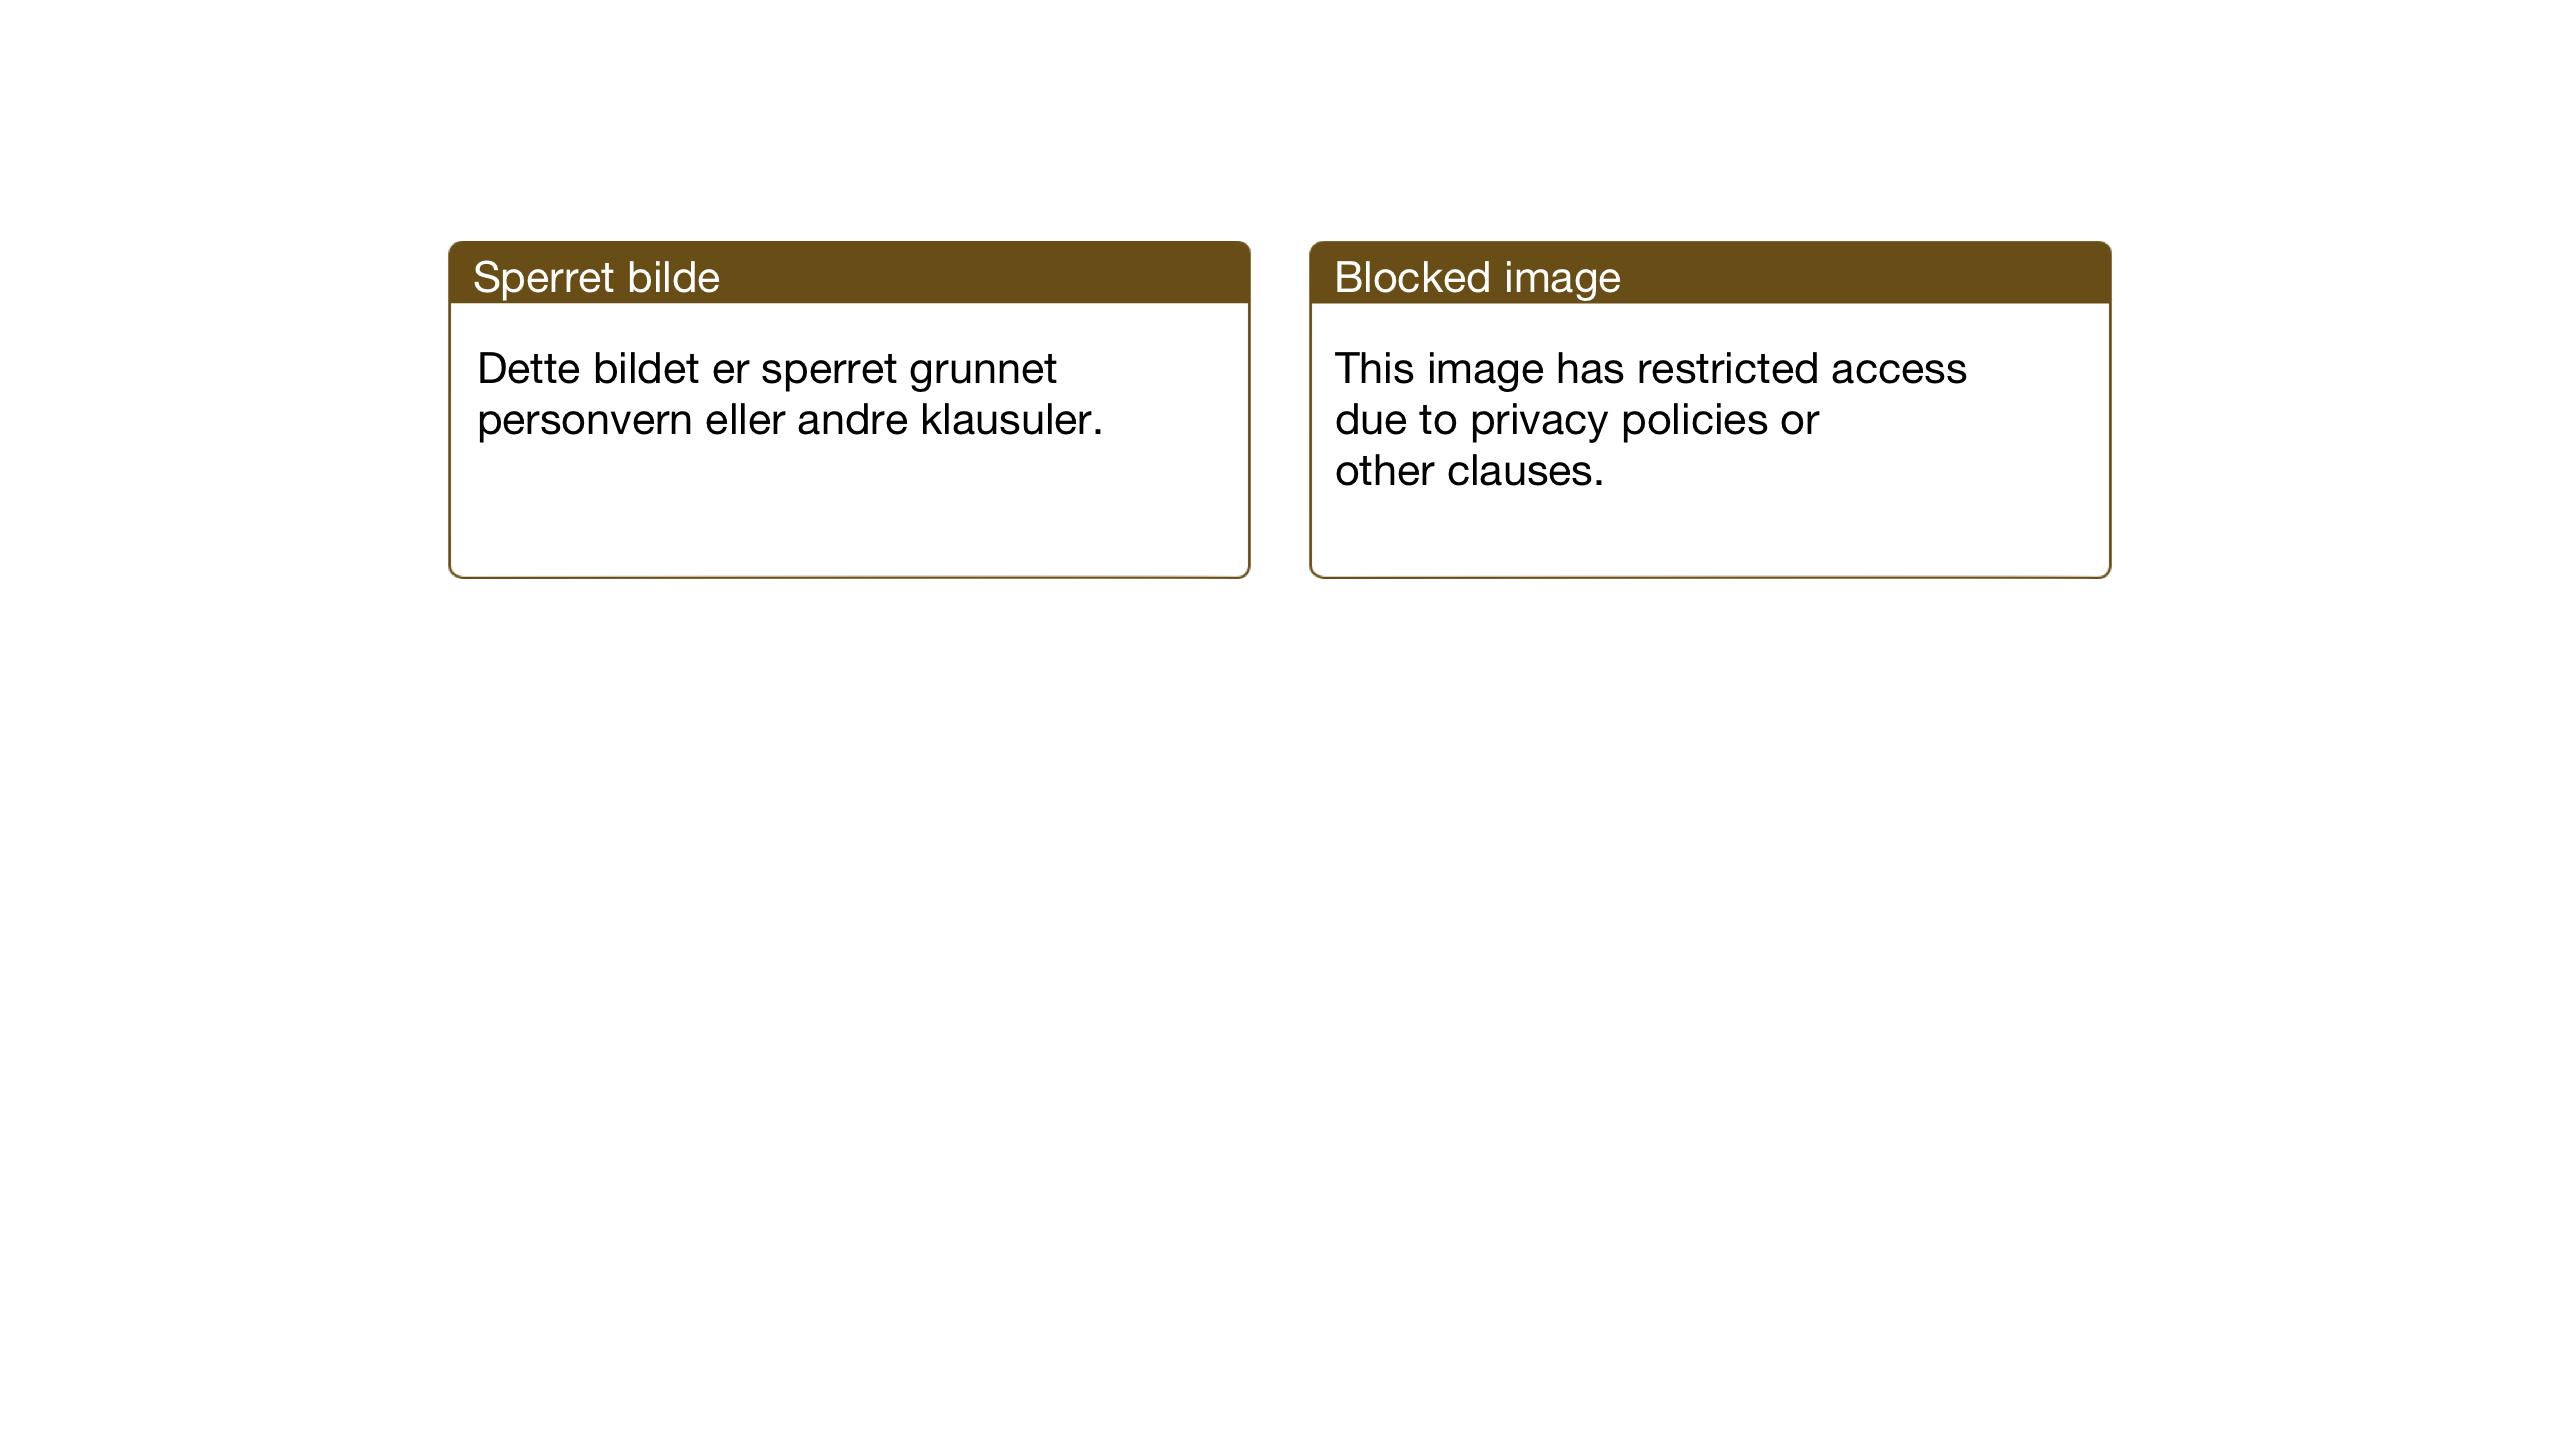 SAT, Ministerialprotokoller, klokkerbøker og fødselsregistre - Sør-Trøndelag, 669/L0832: Klokkerbok nr. 669C02, 1925-1953, s. 34